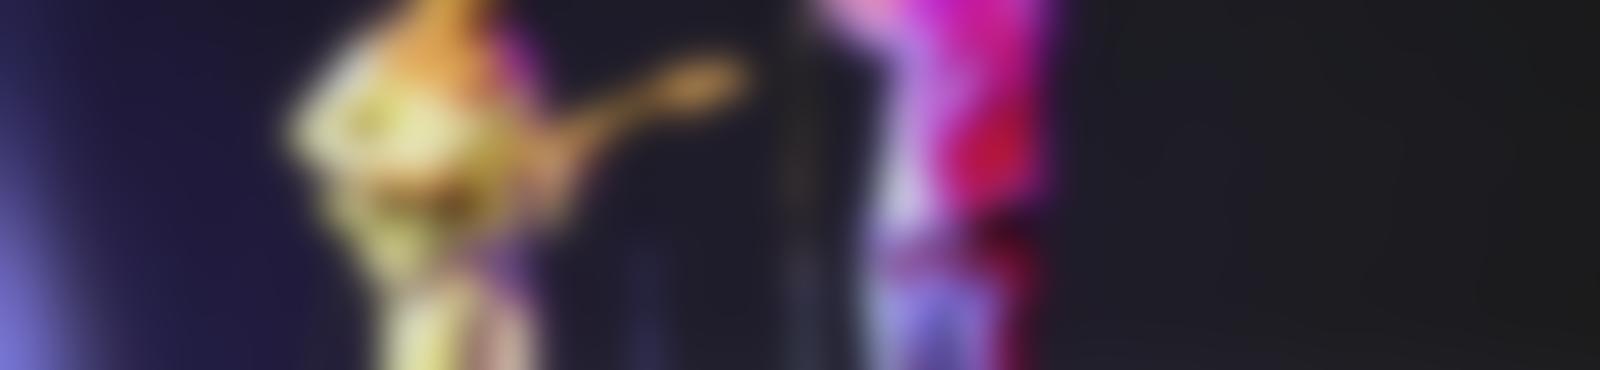 Blurred 4f546c15 2ebe 4a56 8338 1f9811705c21